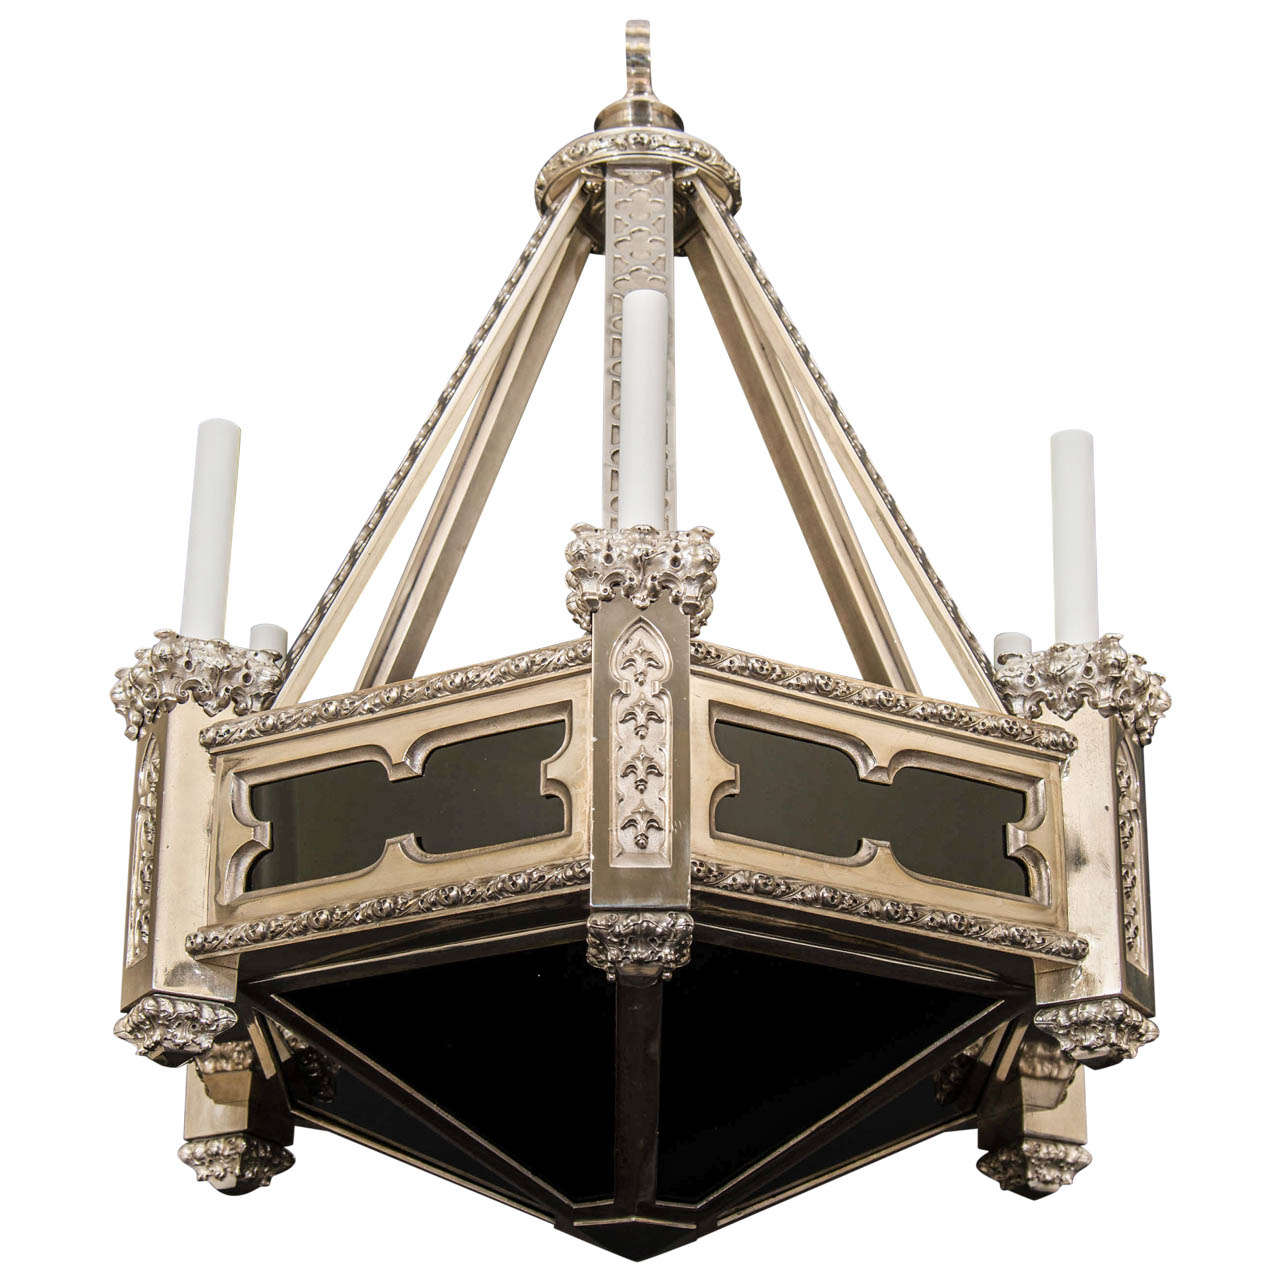 neo gothic style silvered bronze chandelier with dark